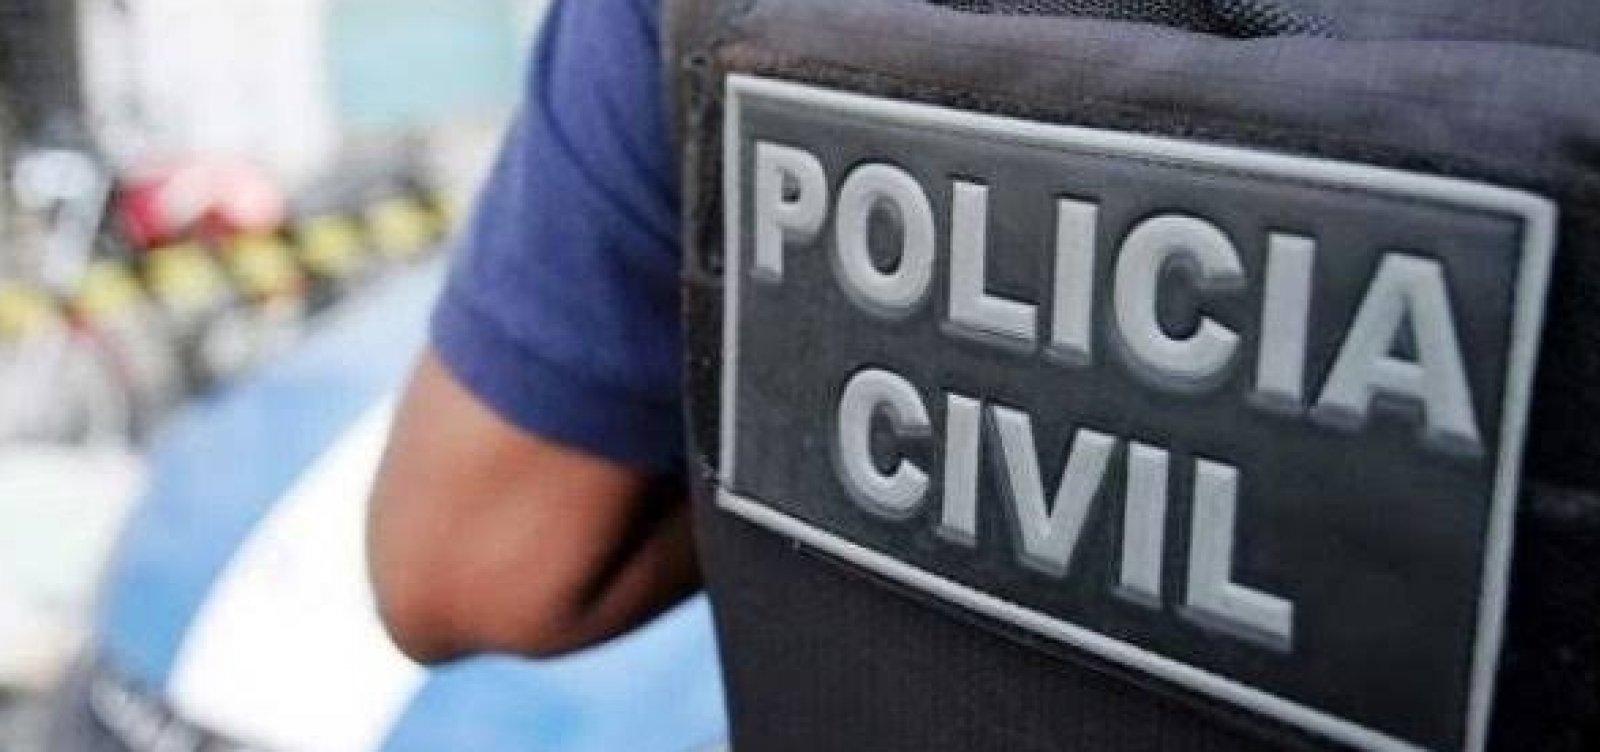 [Corregedoria demora quase três anos para punir policial que ameaçou companheira na Bahia]